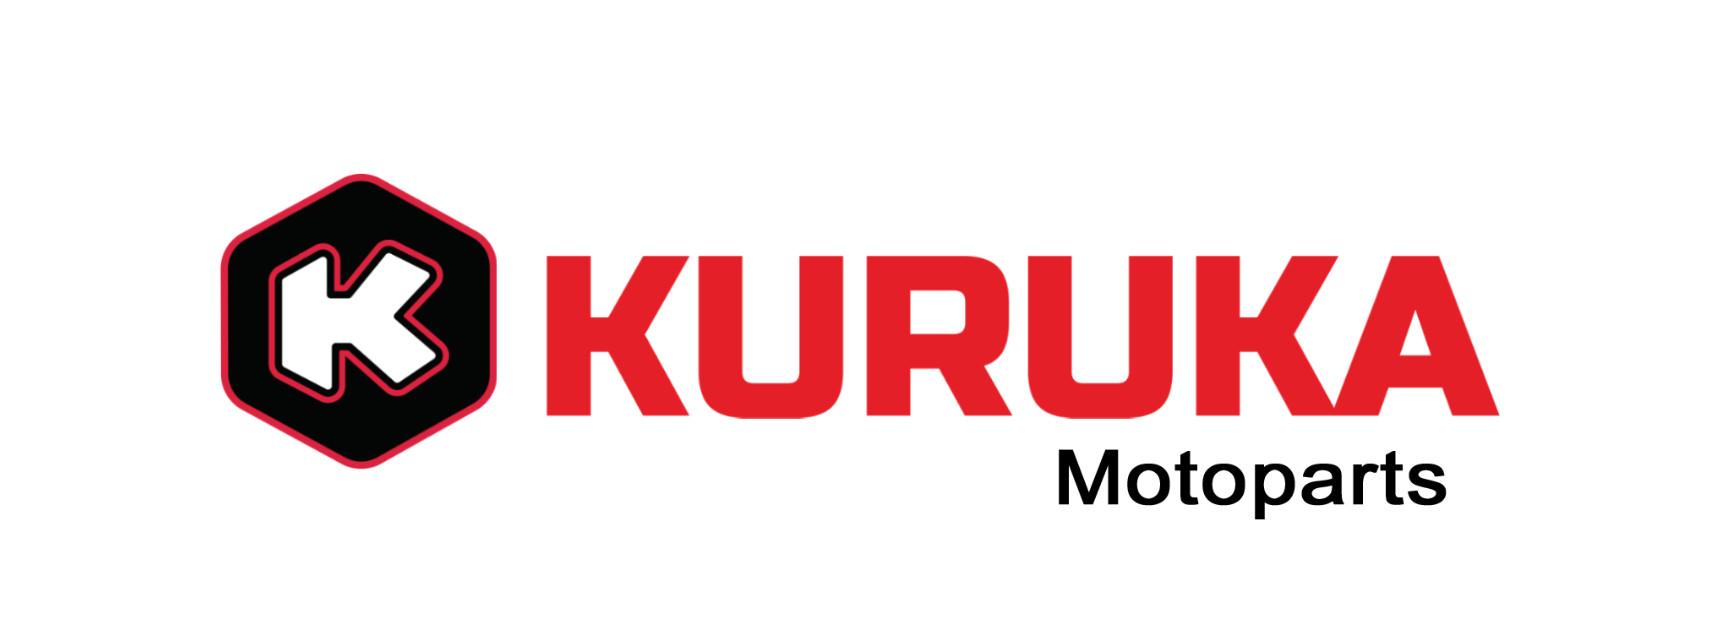 KURUKA